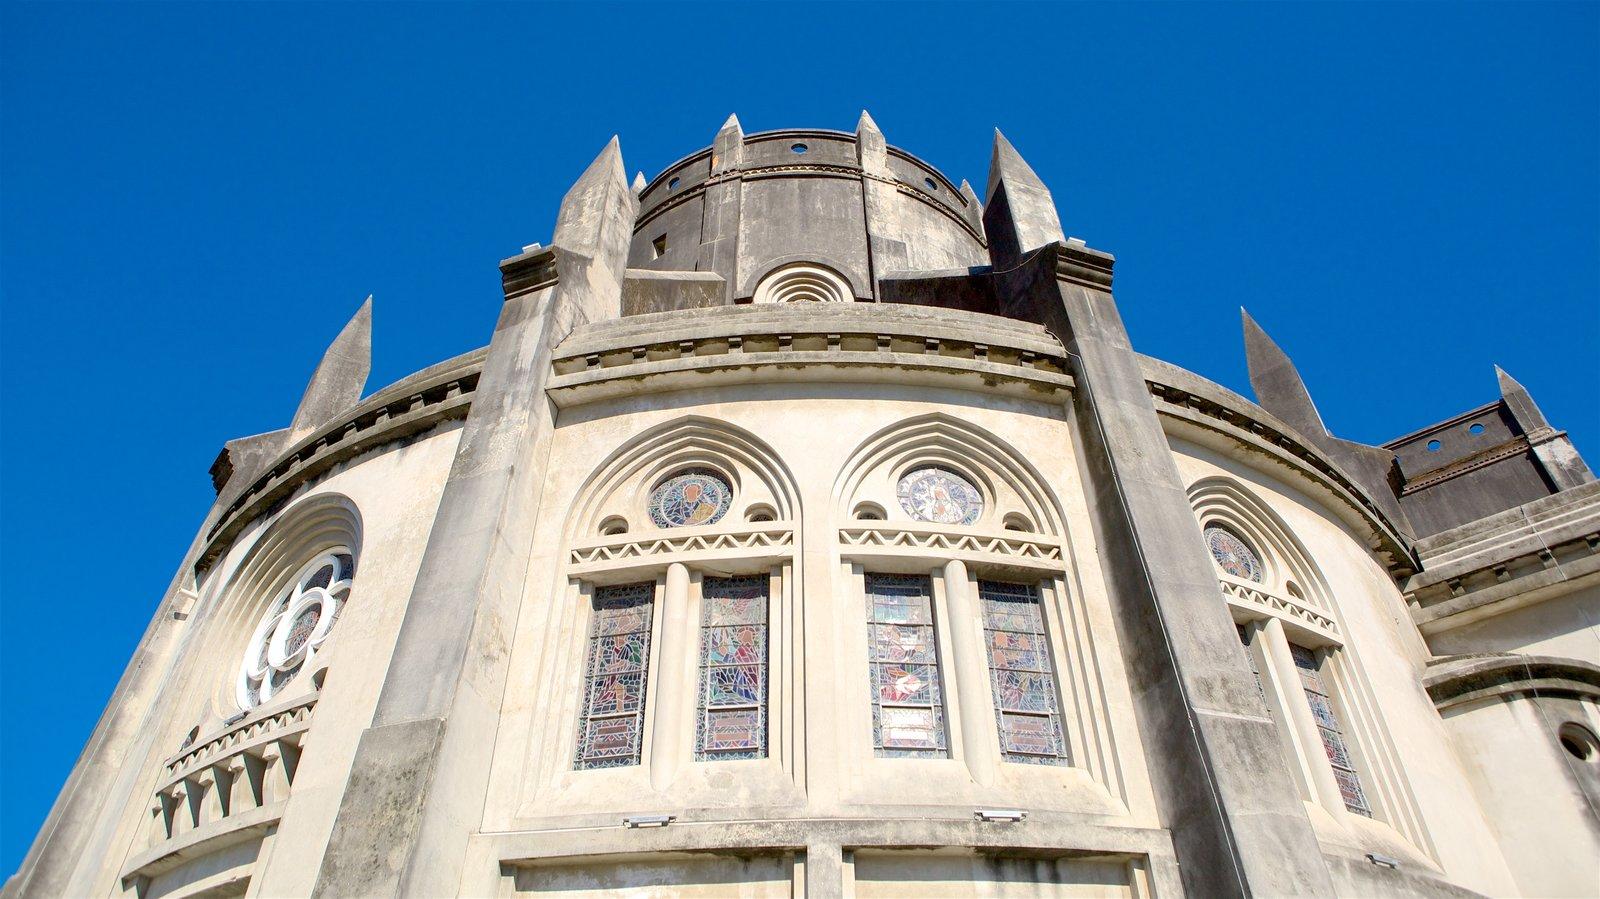 Catedral Metropolitana de Fortaleza que inclui uma igreja ou catedral